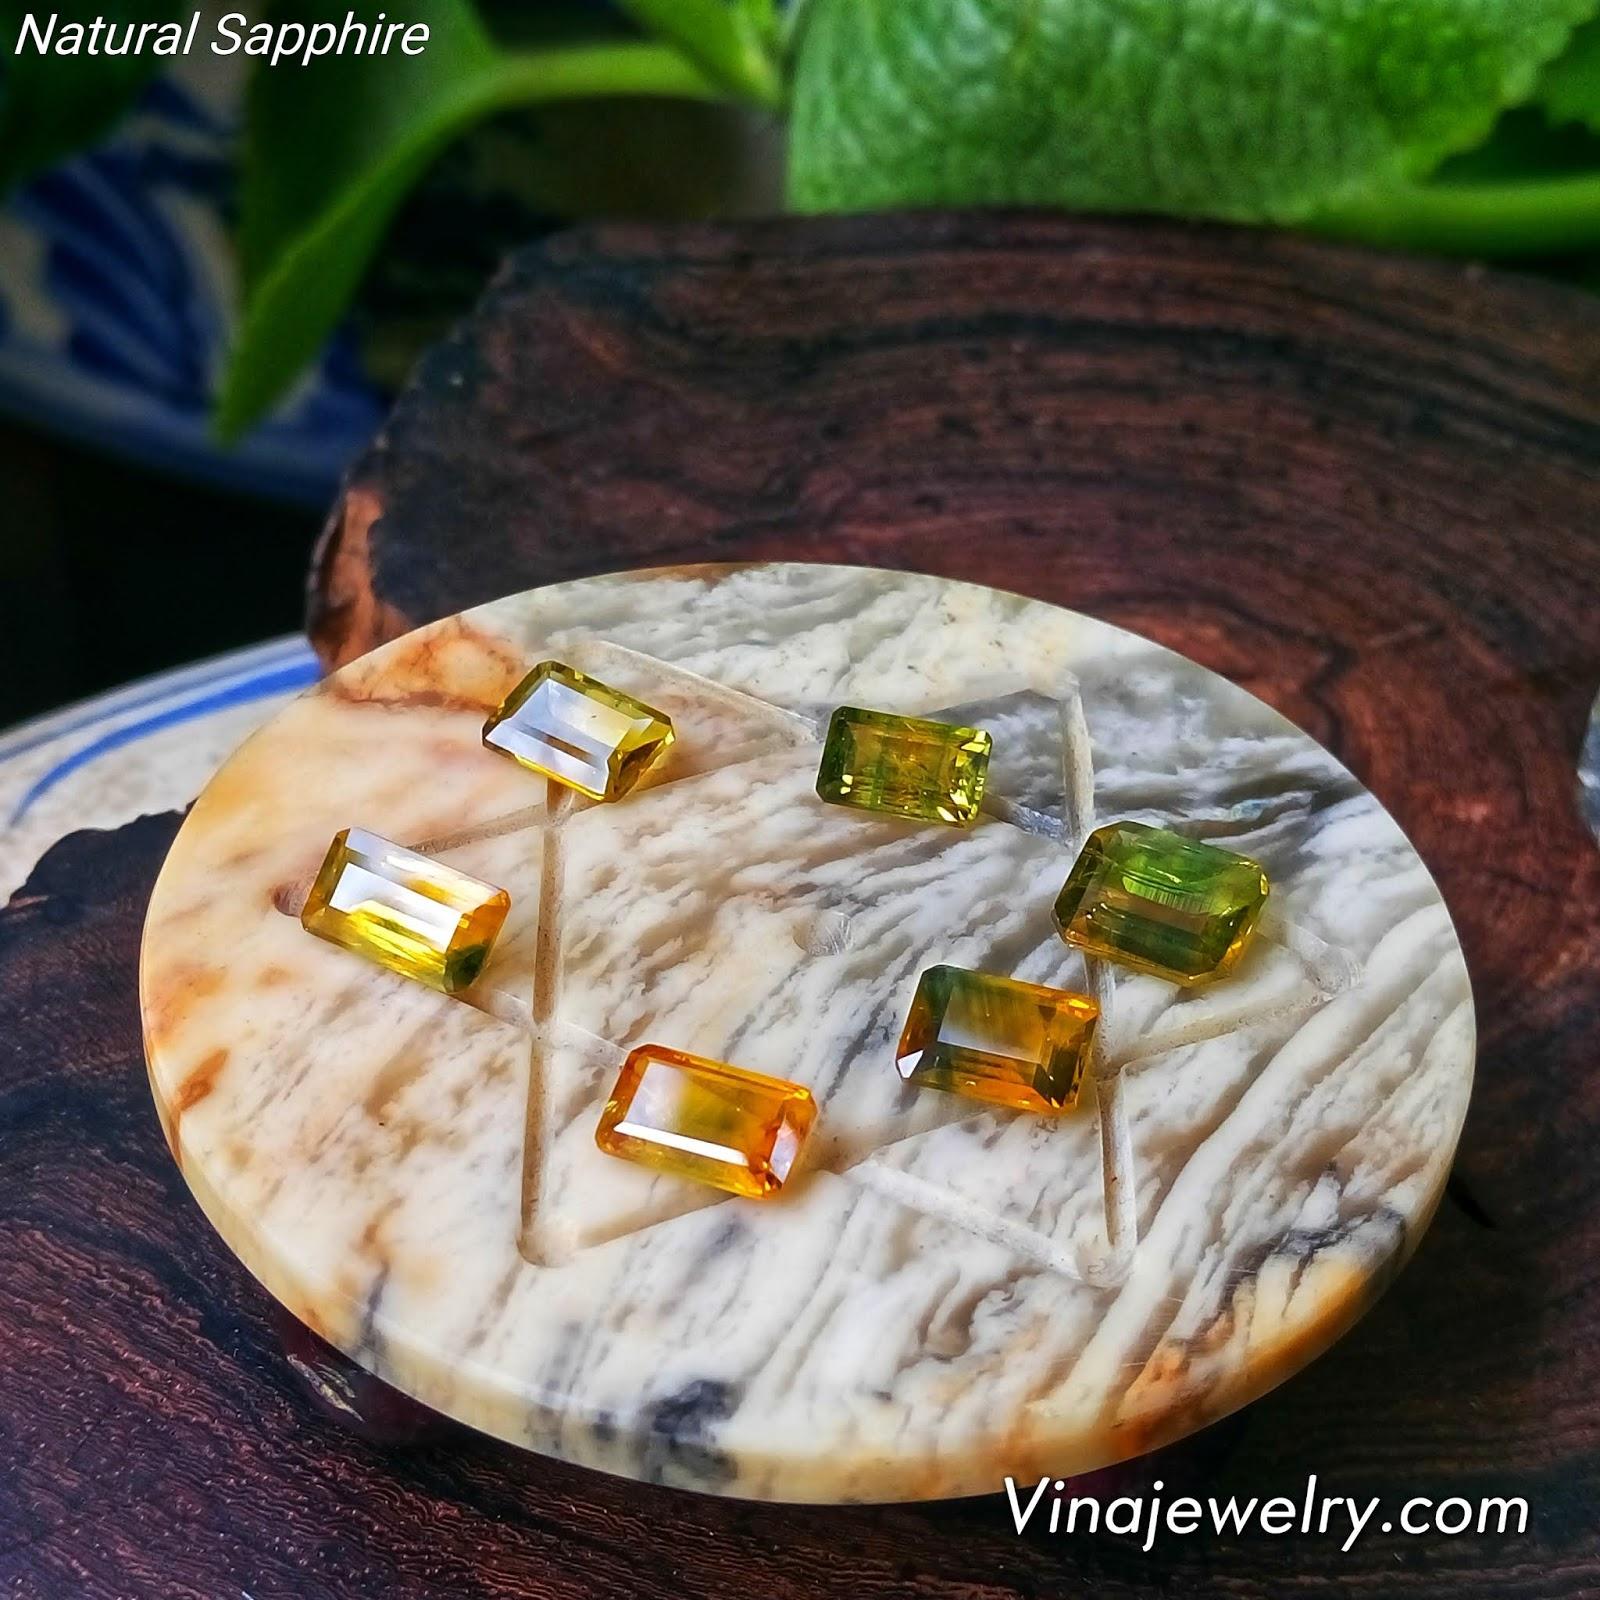 Đá Sapphire vàng thiên nhiên, hàng Việt Nam tuyển chọn sạch đẹp lửa mạnh